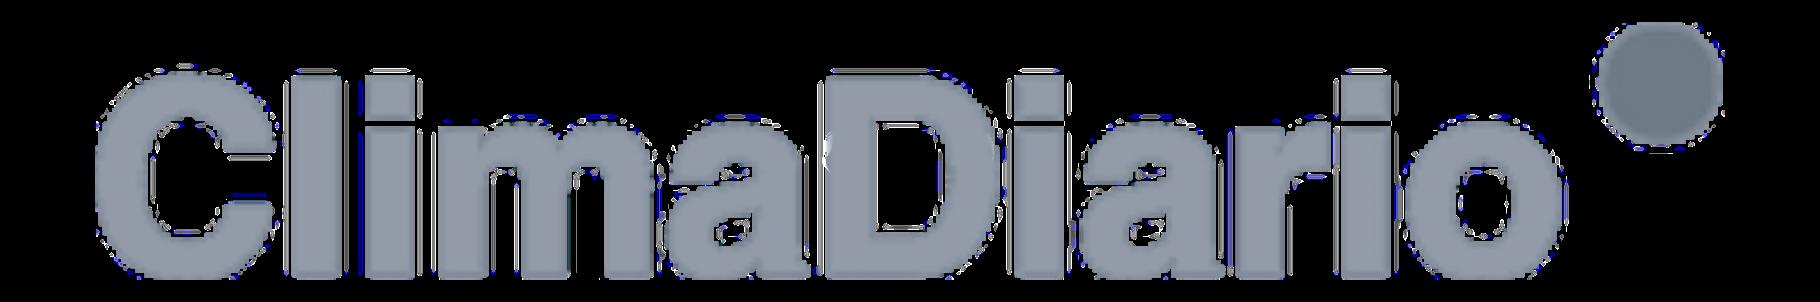 Diseño sin título (25)